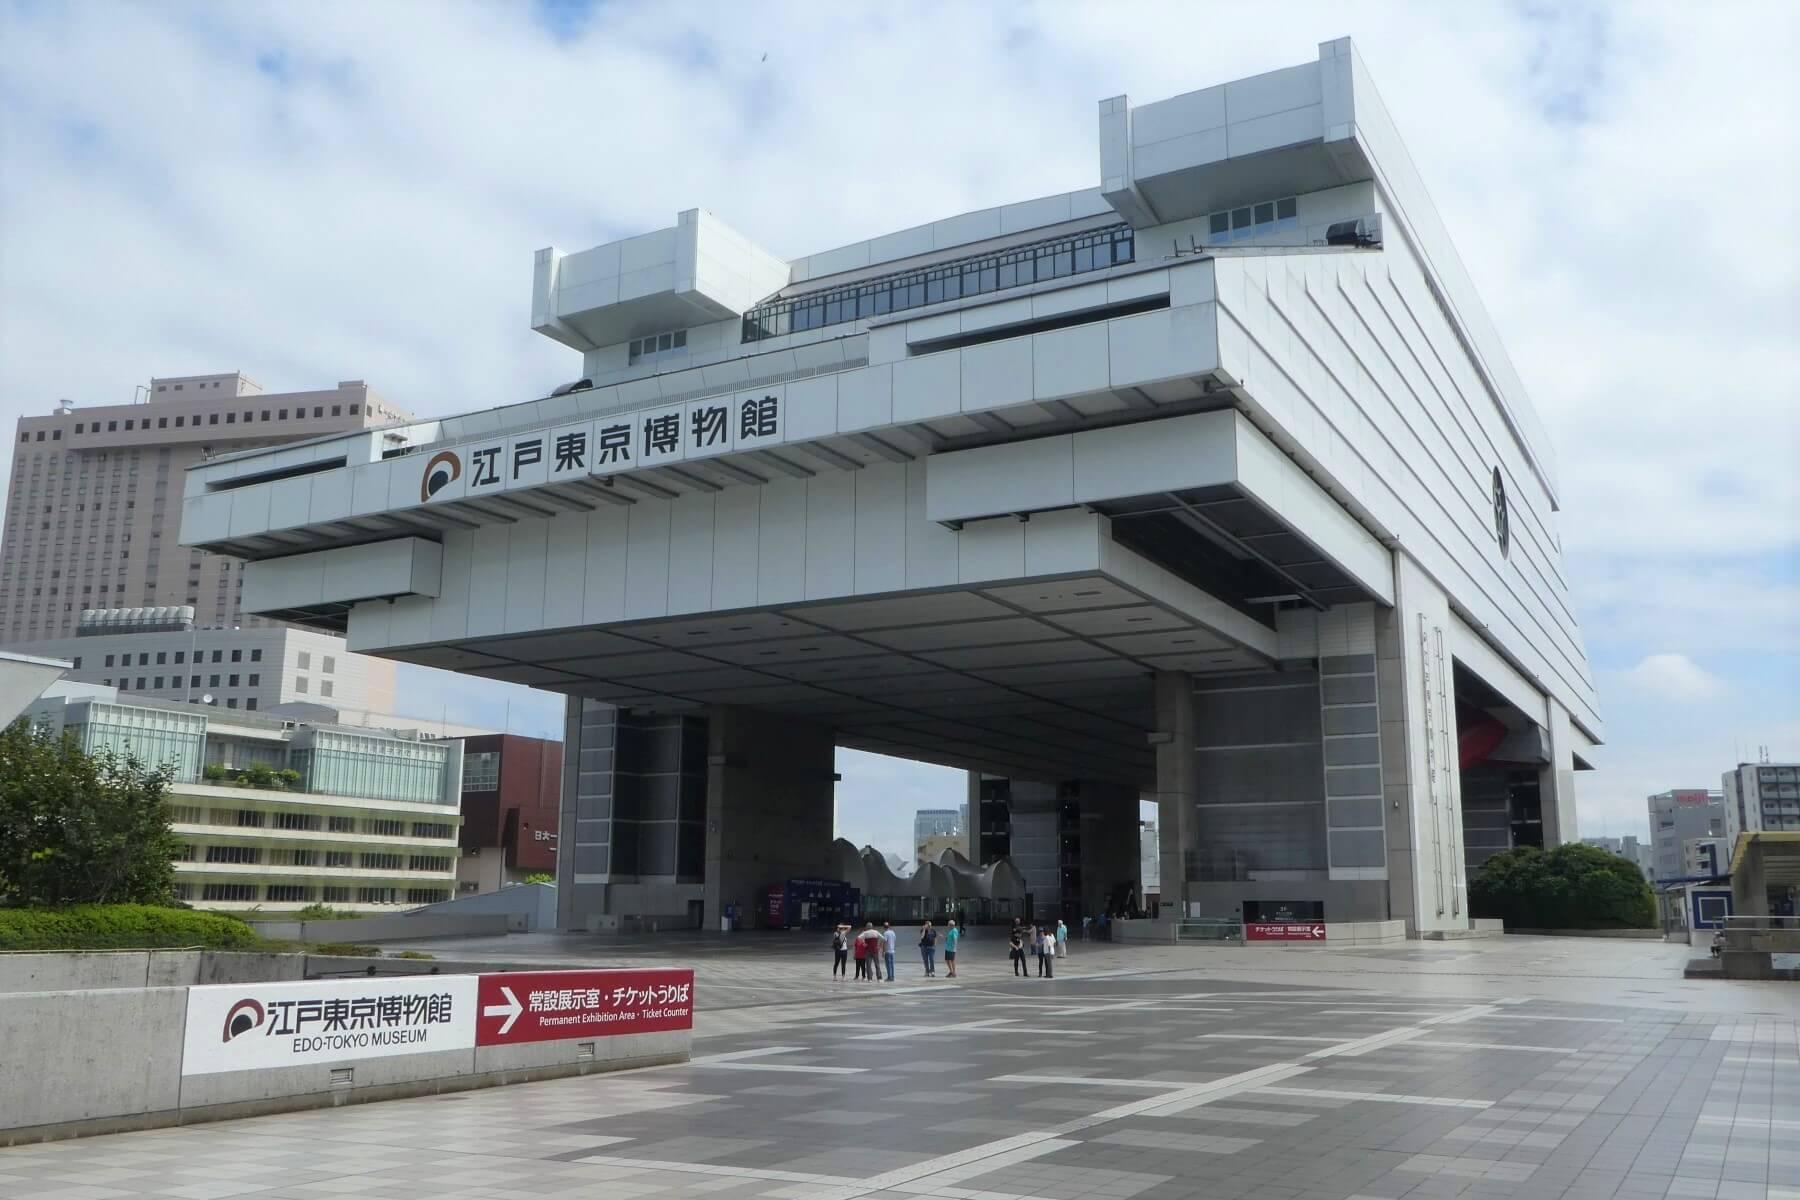 The interesting Edo-Tokyo Museum in Sumida City, Tokyo